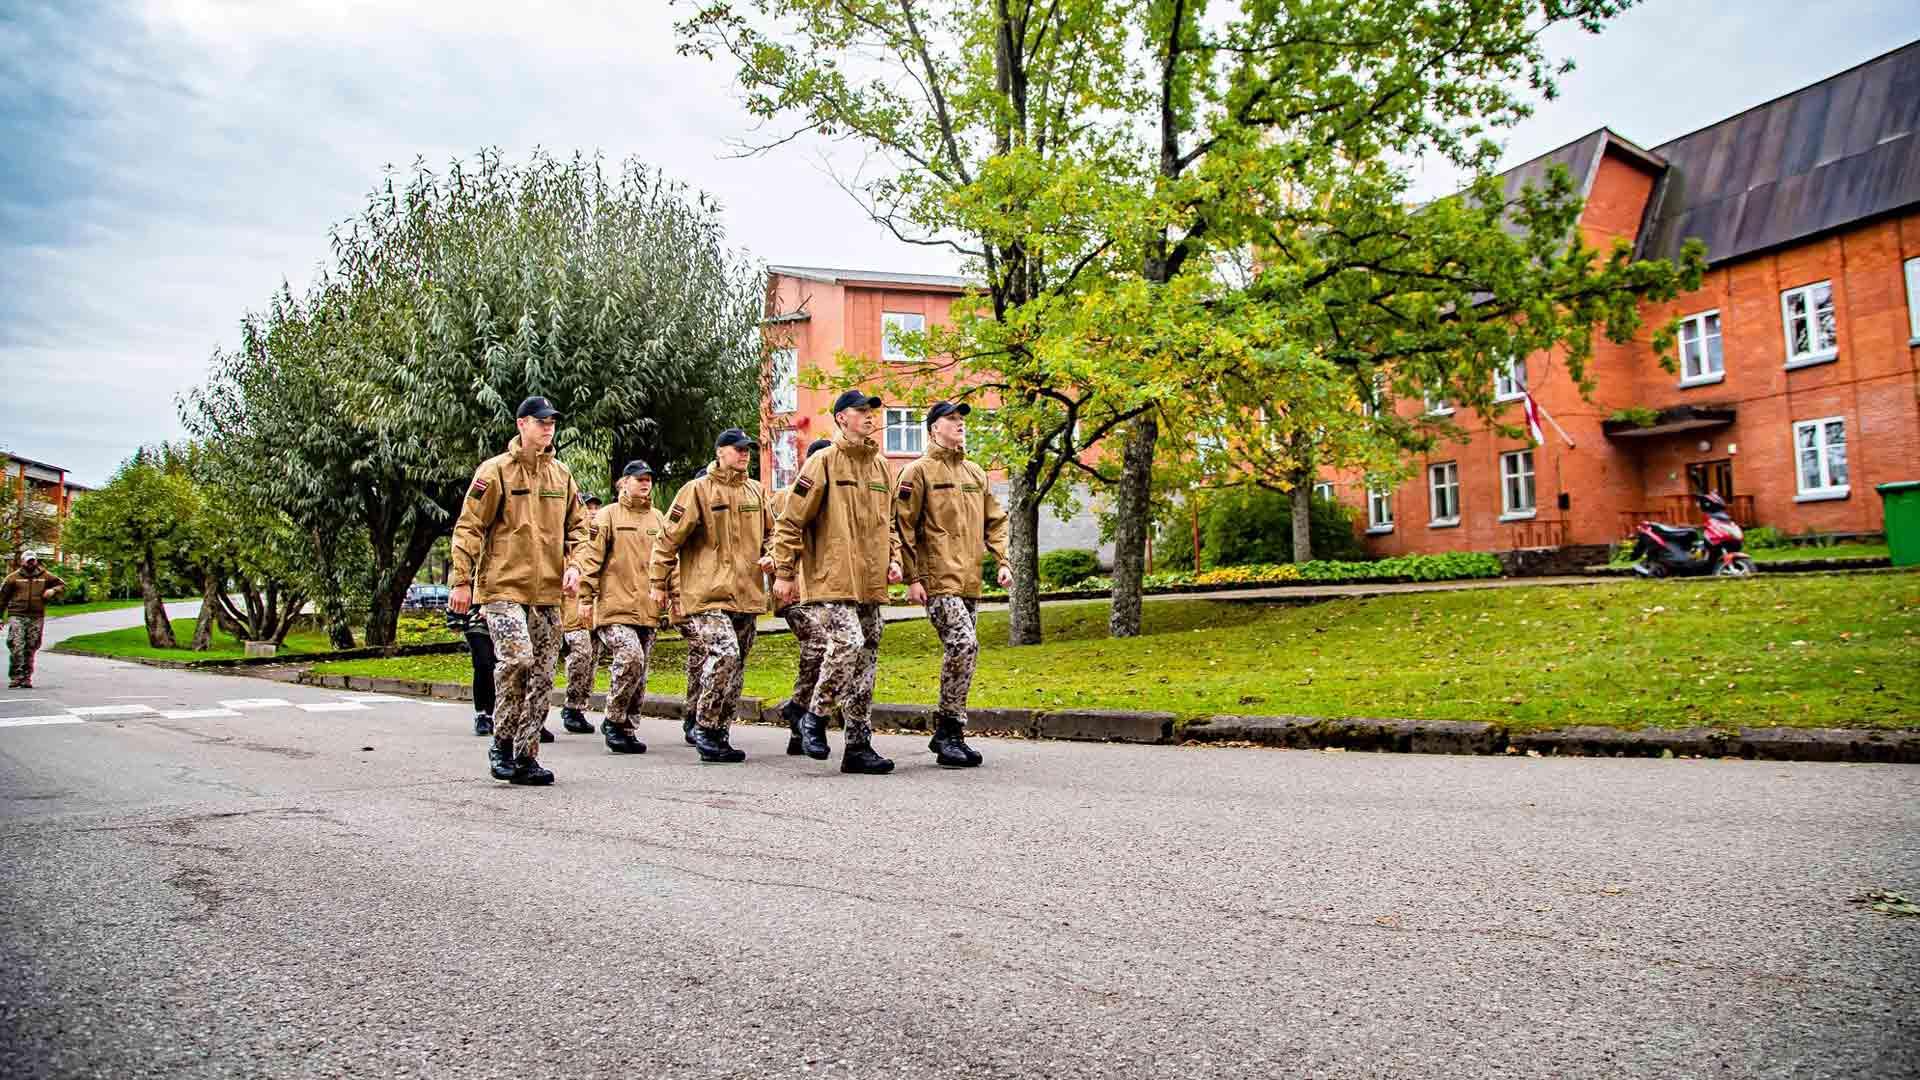 Kalnin lukio otti ensimmäisten joukossa sotilaskoulutuksen opetussuunnitelmaan. Moni on valinnut tämän oppilaitoksen päästäkseen maanpuolustuskurssille.